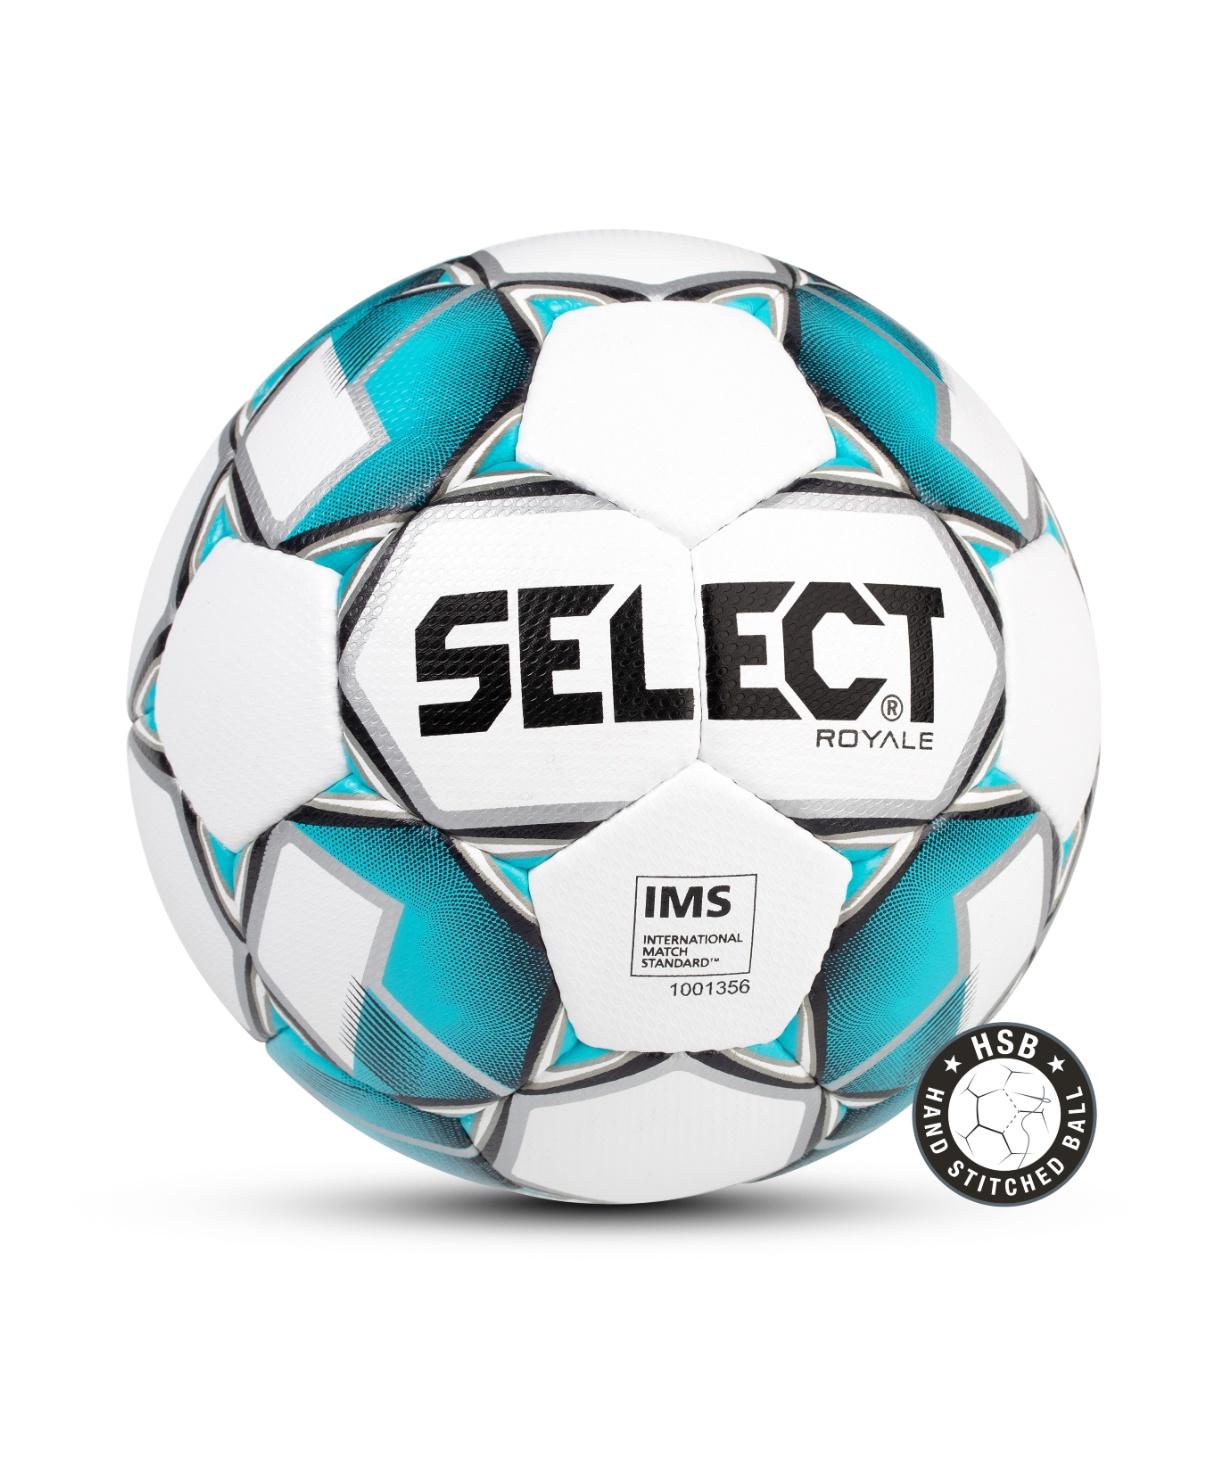 Мяч футбольный Select Royale 814117 IMS, Размер 5, белый/синий (5)